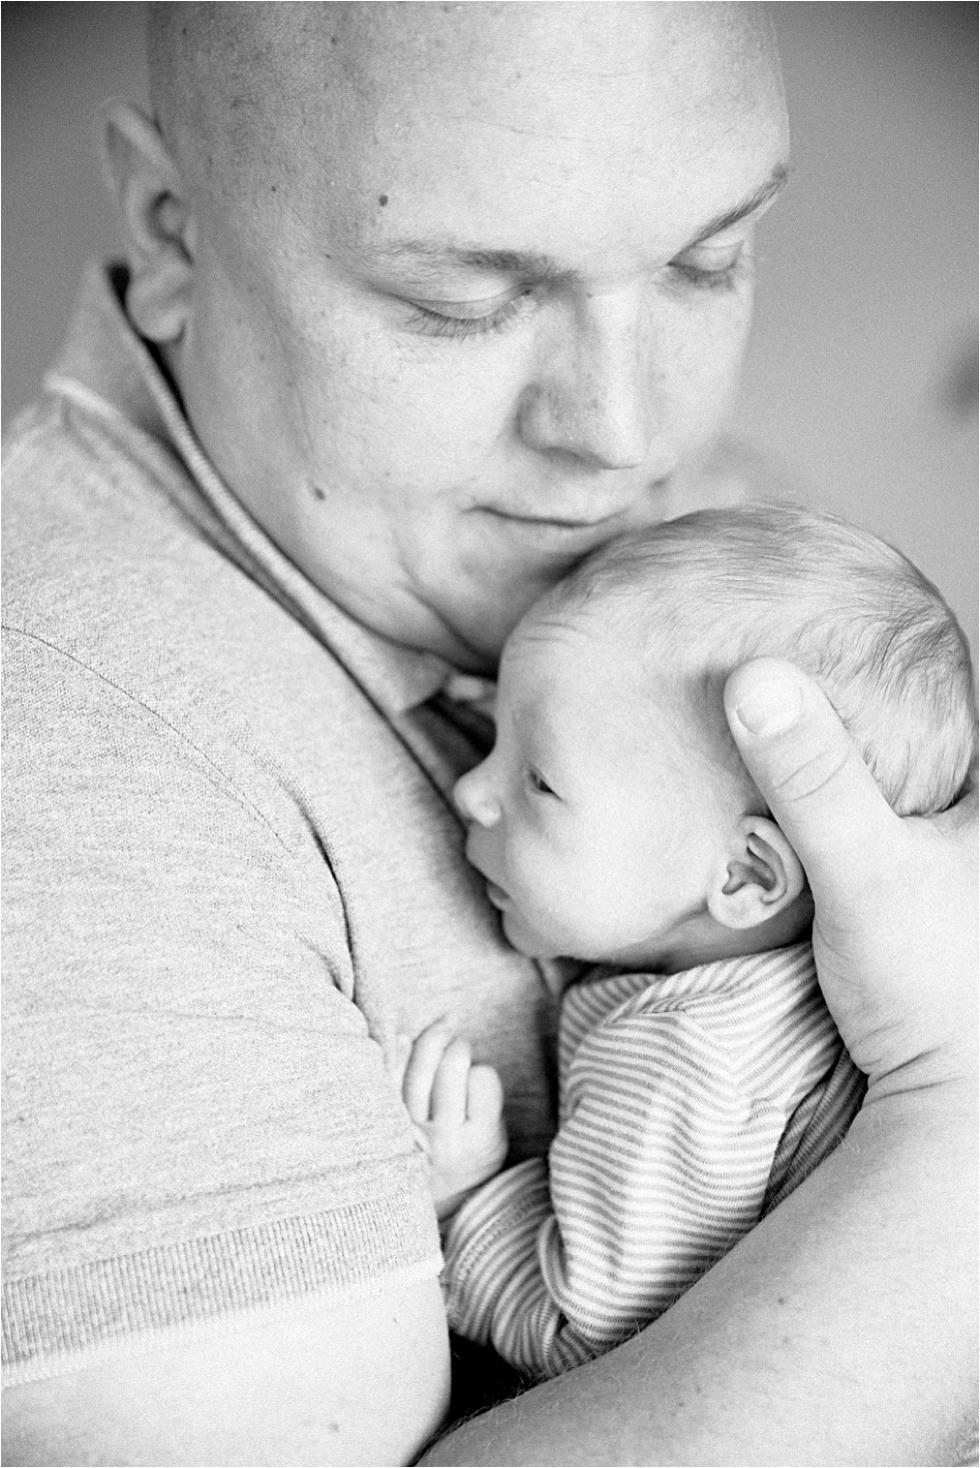 Nyfødt baby fotograf Tine hvolby35